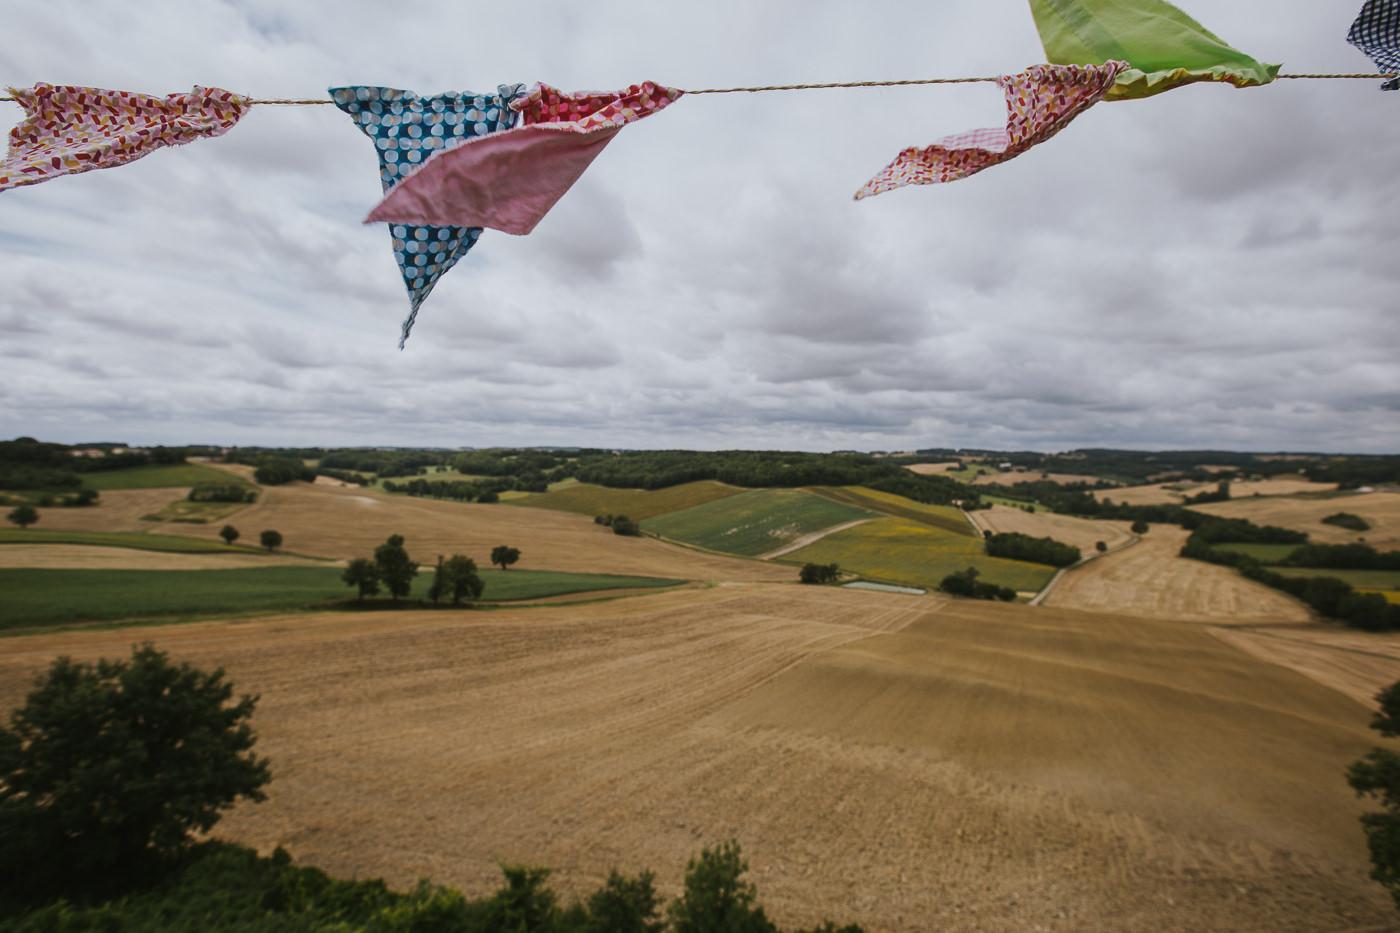 Mariage_champetre_au_village_de_castelnau-1045.jpg